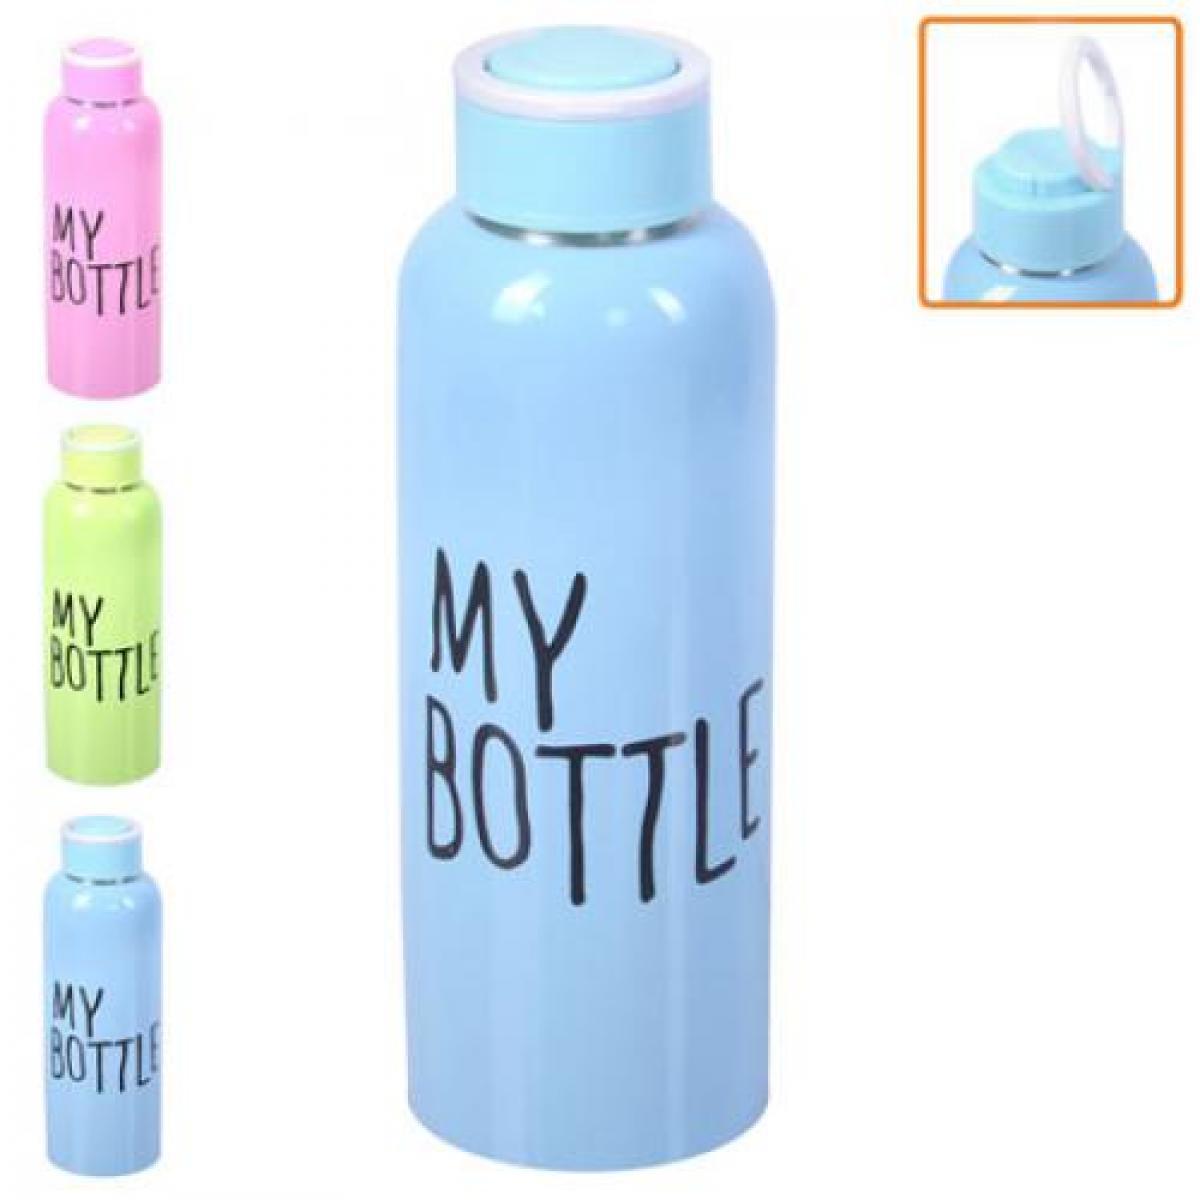 Спортивная бутылка my bottle вакуумный упаковщик борк